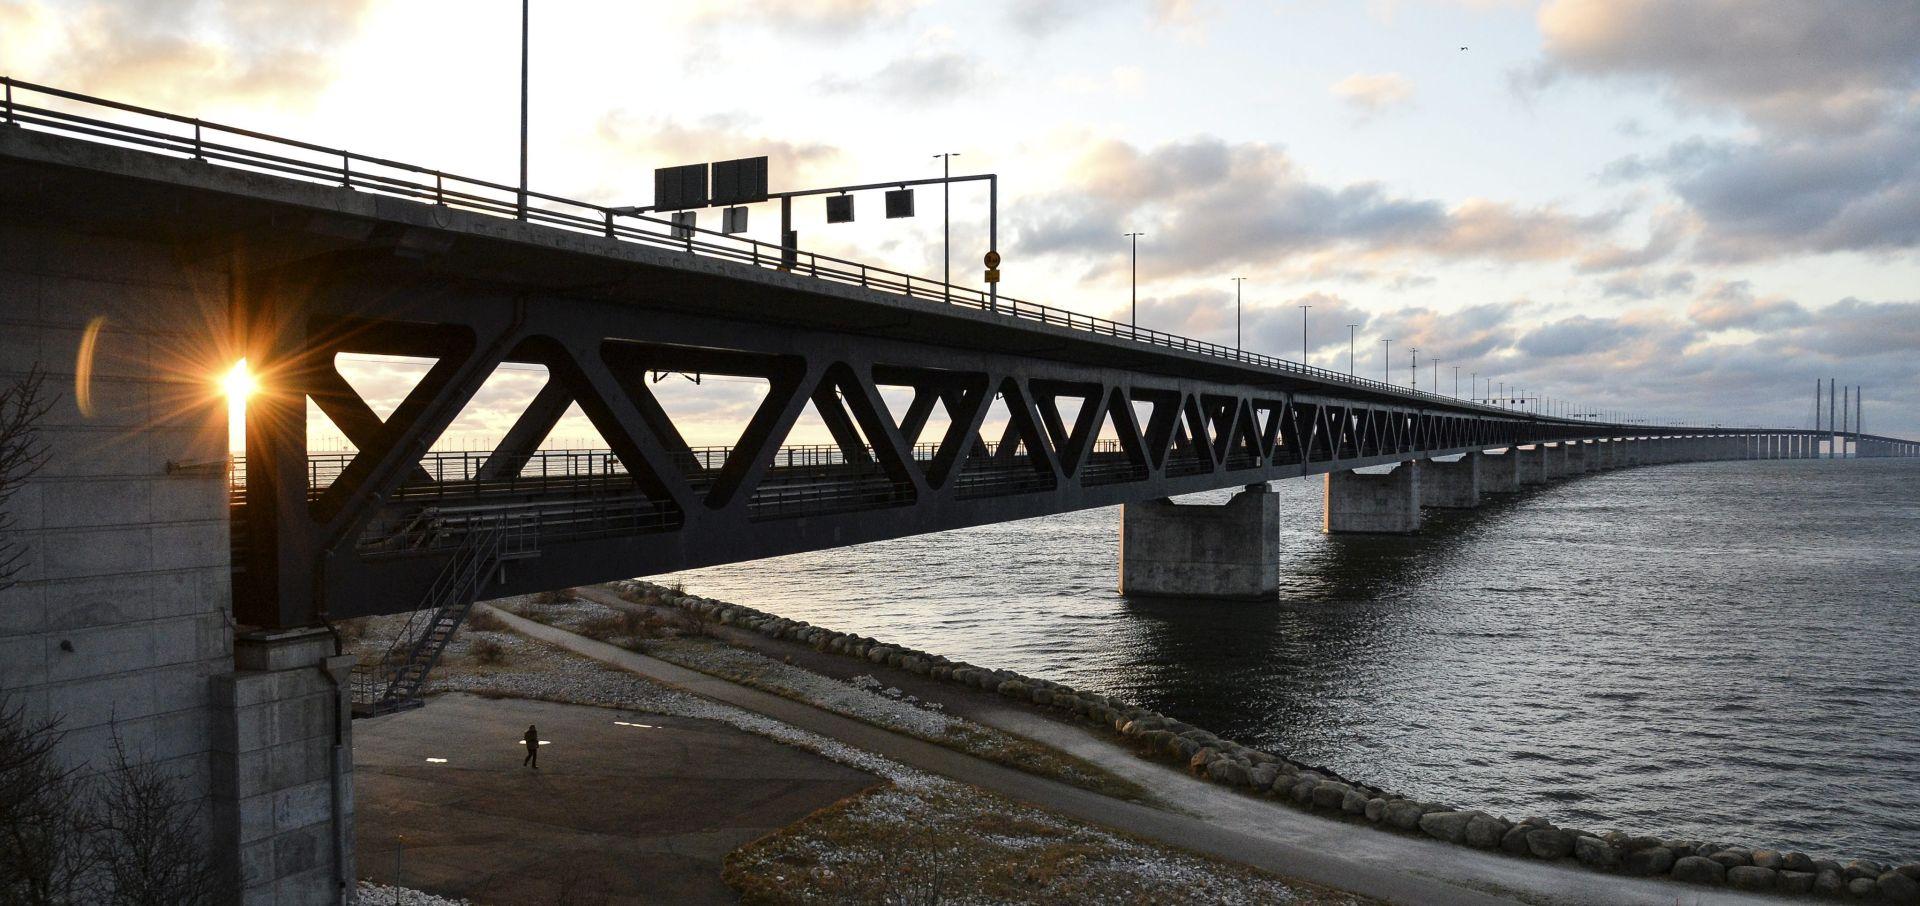 Švedska ukida privremene granične kontrole